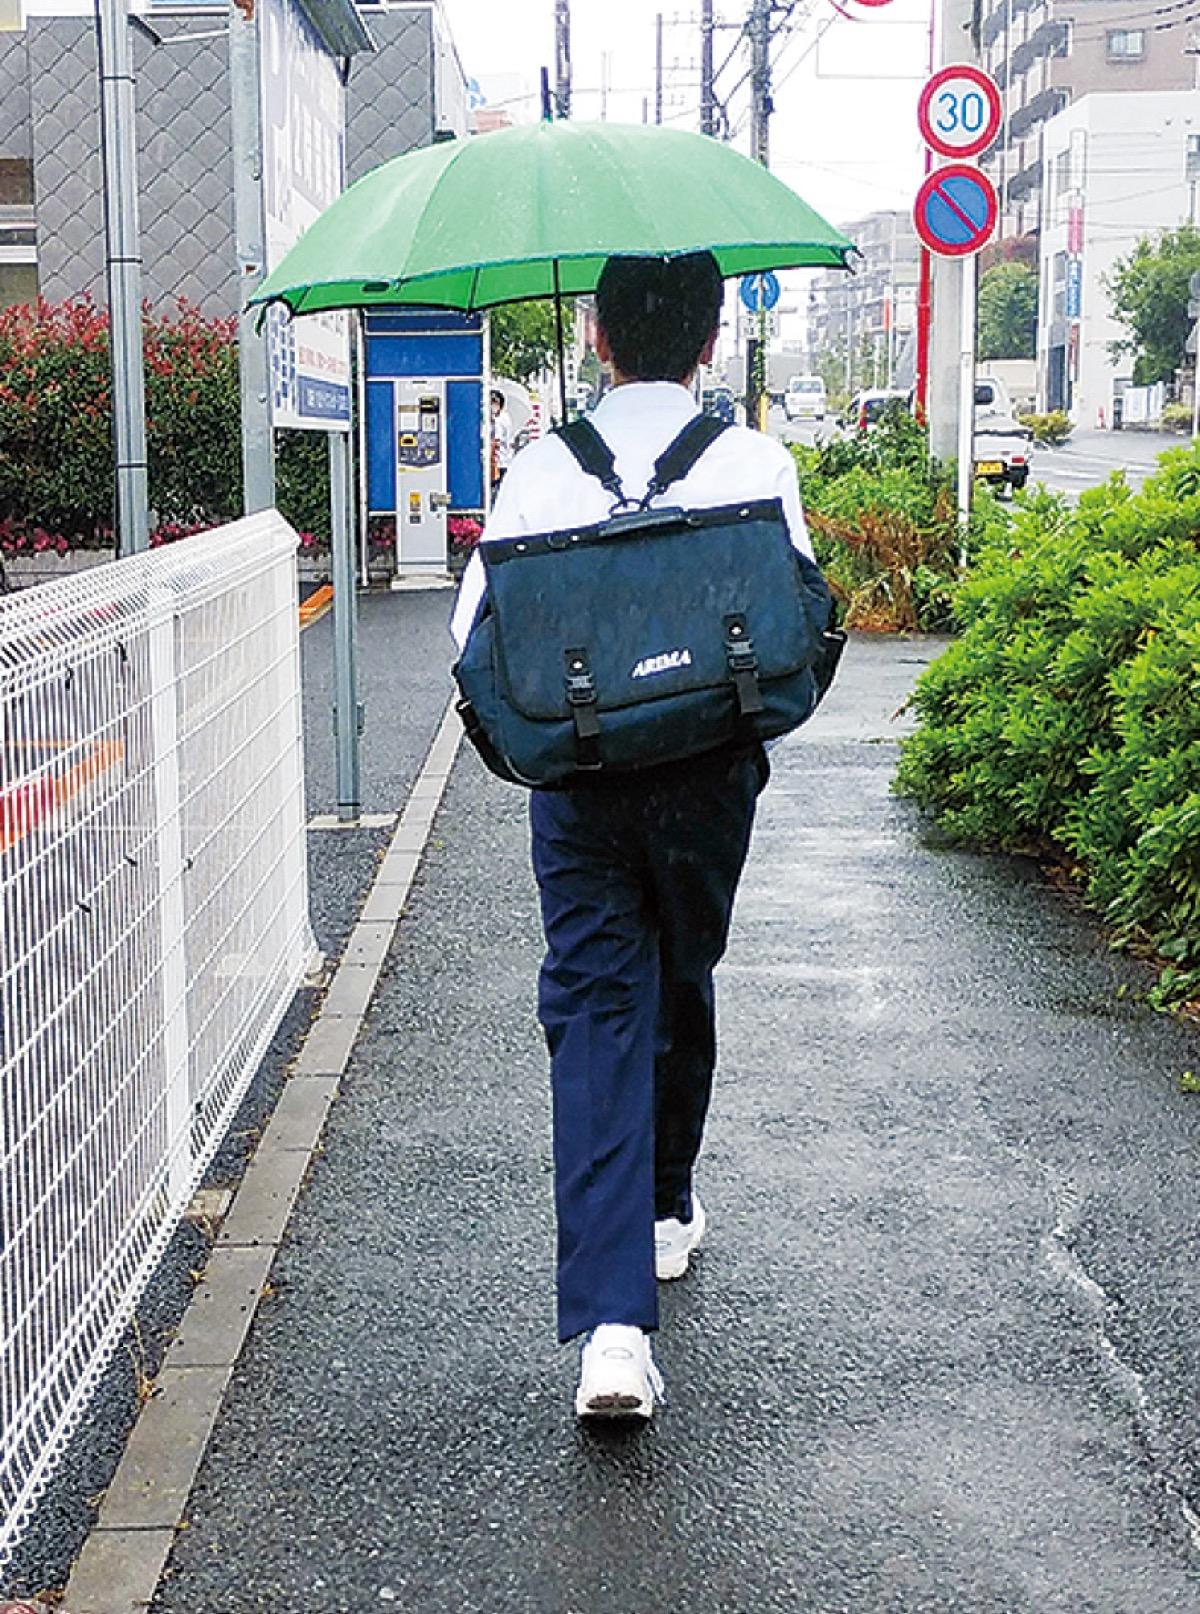 学校再開、分散登校で 15日から通常に | 宮前区 | タウンニュース